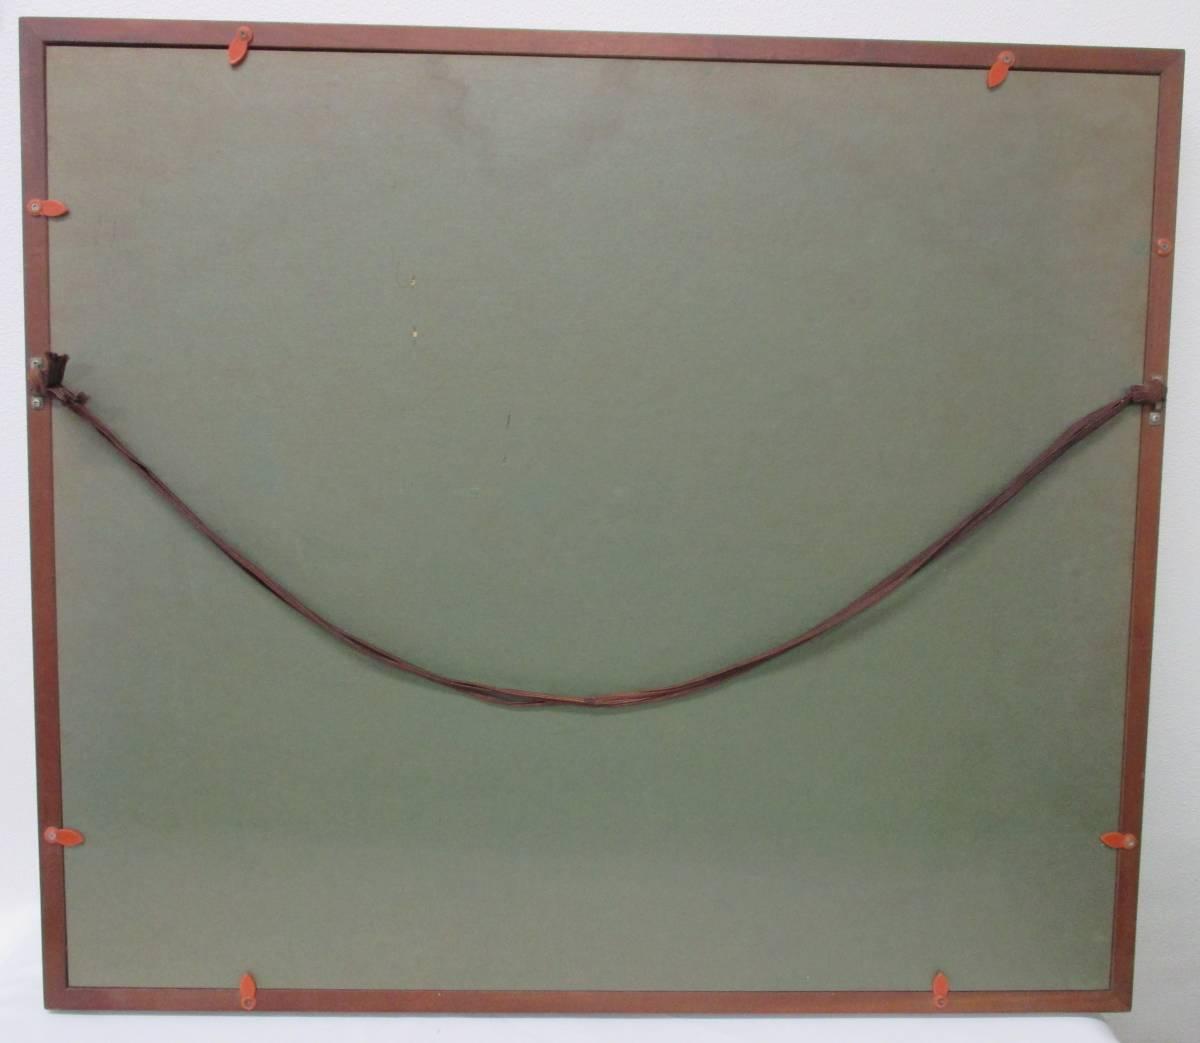 西村 昭二郎 筆 『鴛鴦』 リトグラフ 82/150 サイン有 額サイズ53cmx60.5cm_画像5